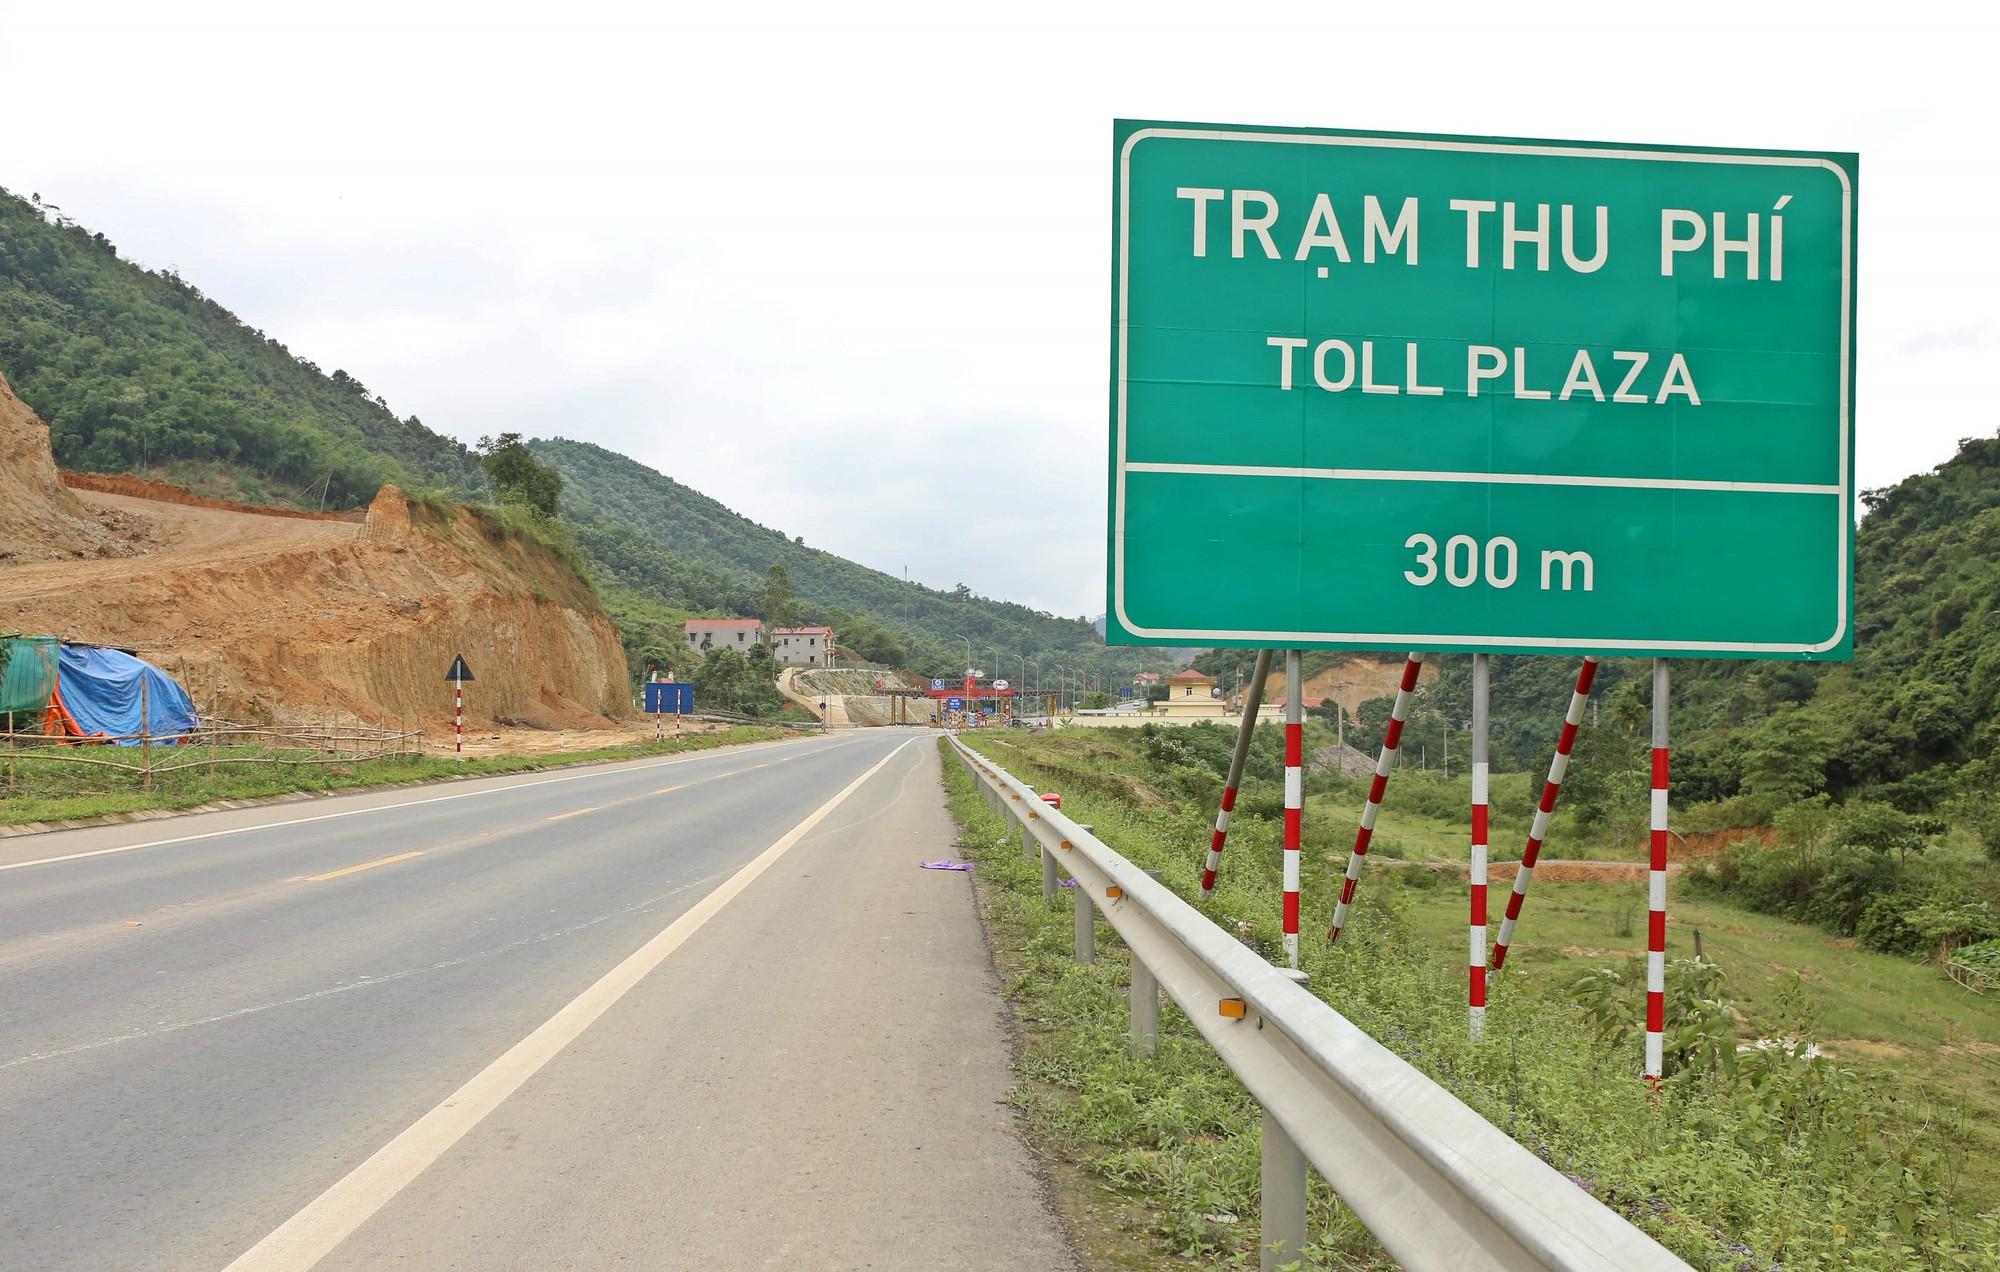 Tỉnh lộ dài khoảng 120 km nhưng có tới 6 trạm thu phí BOT - Ảnh 1.